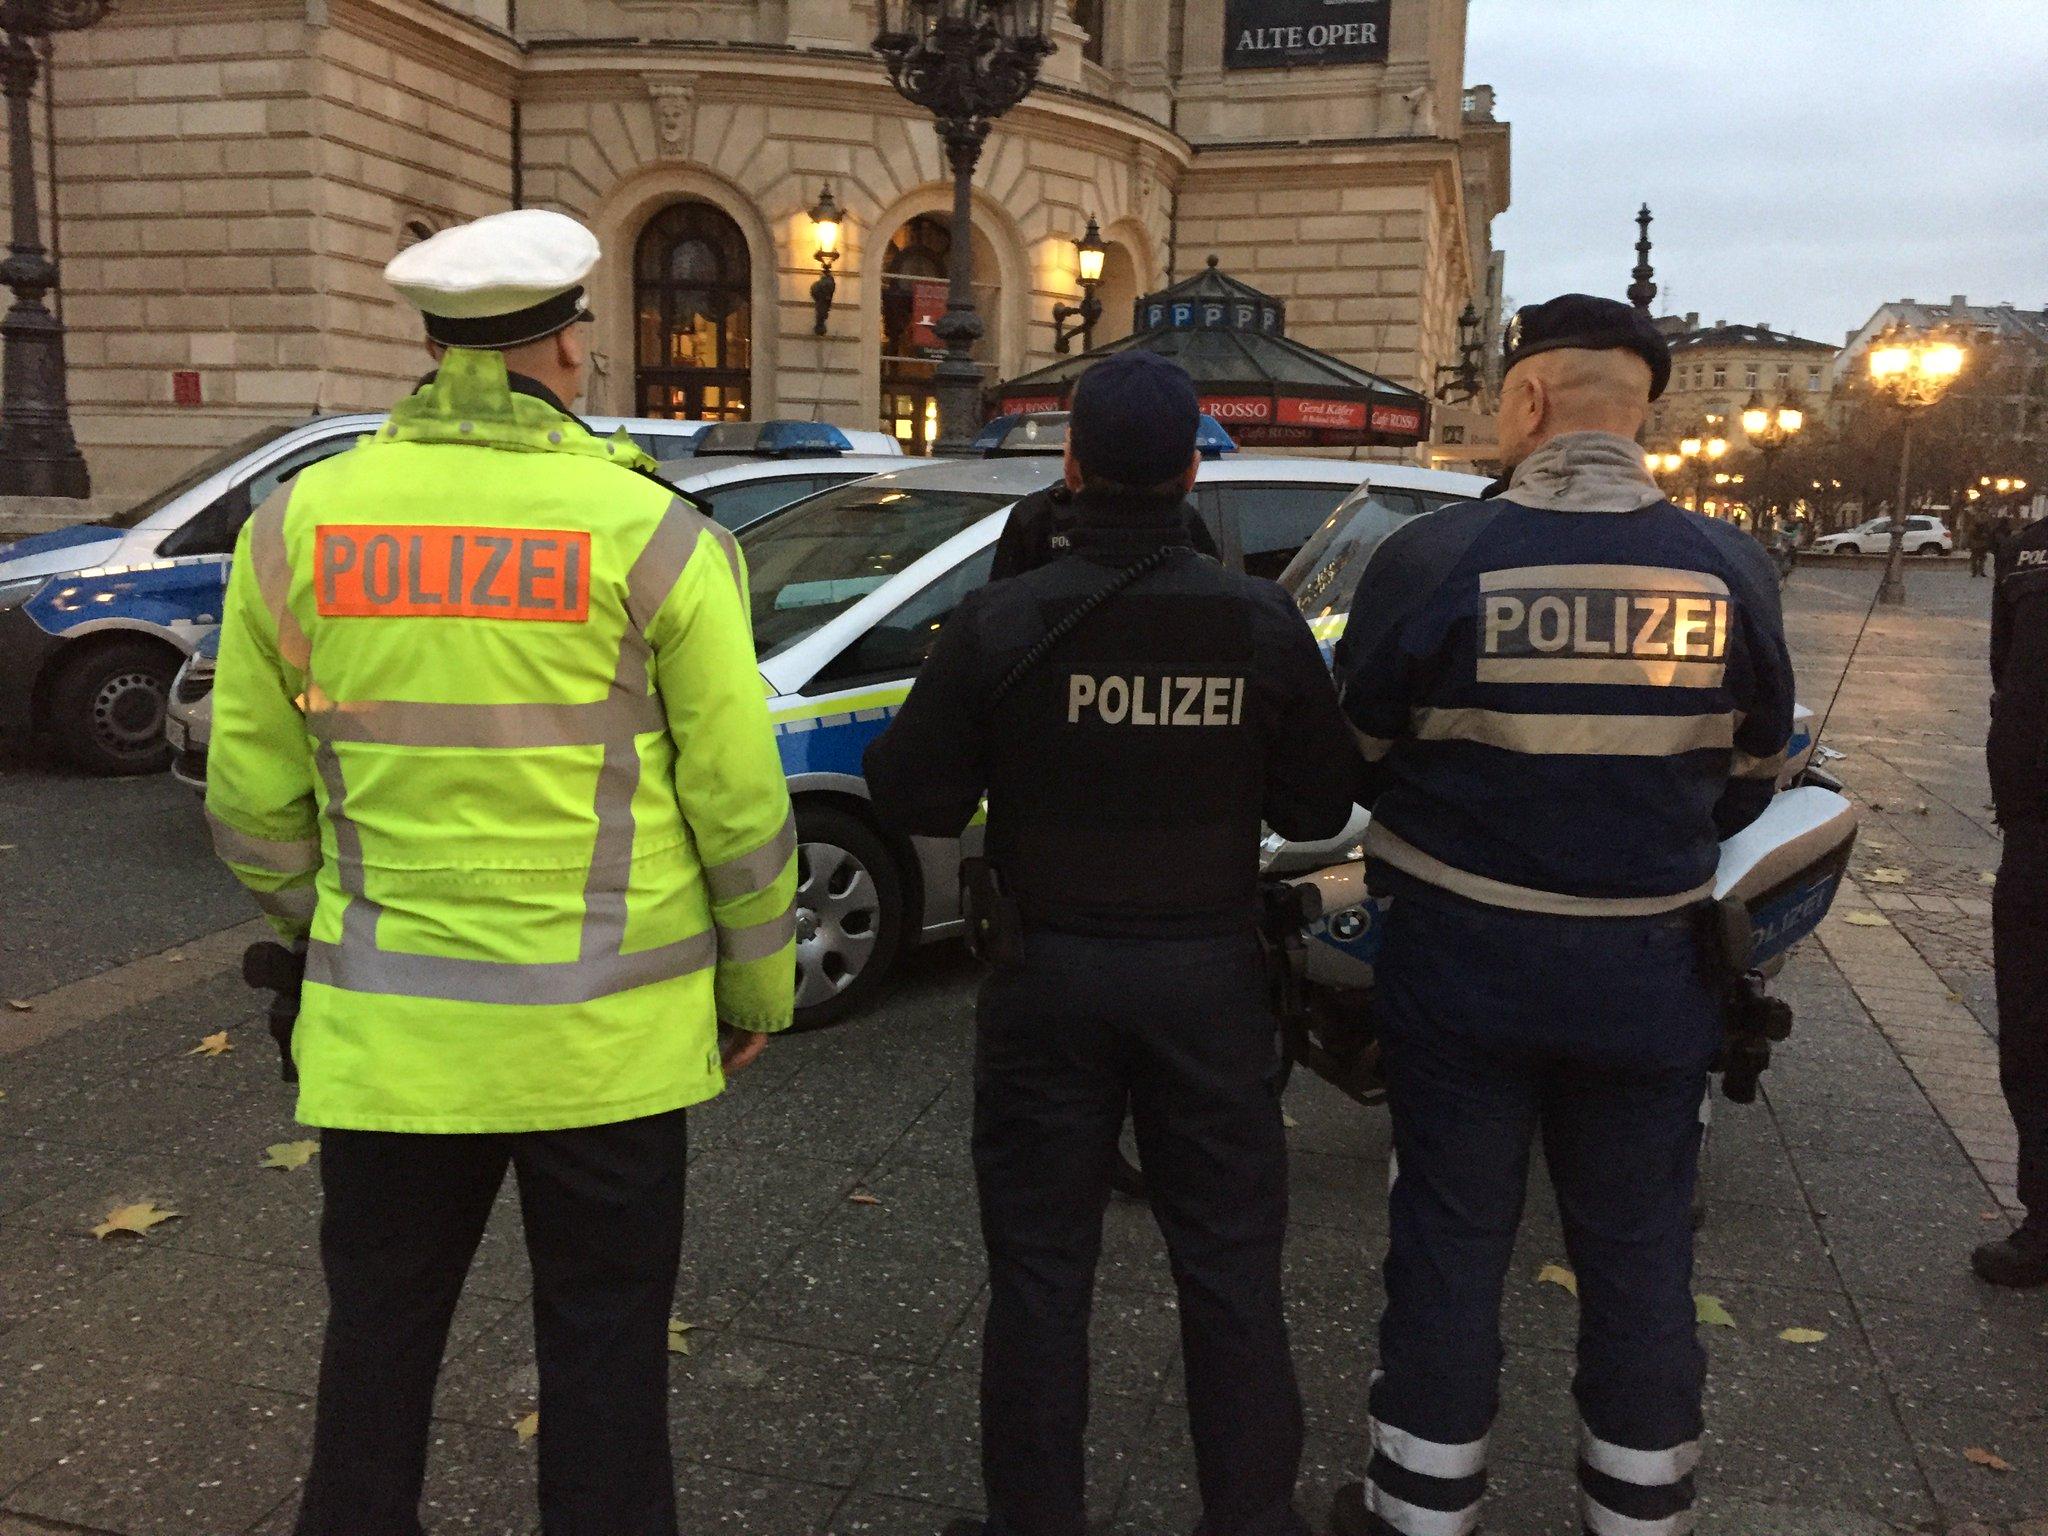 Polizei Ffm Twitter